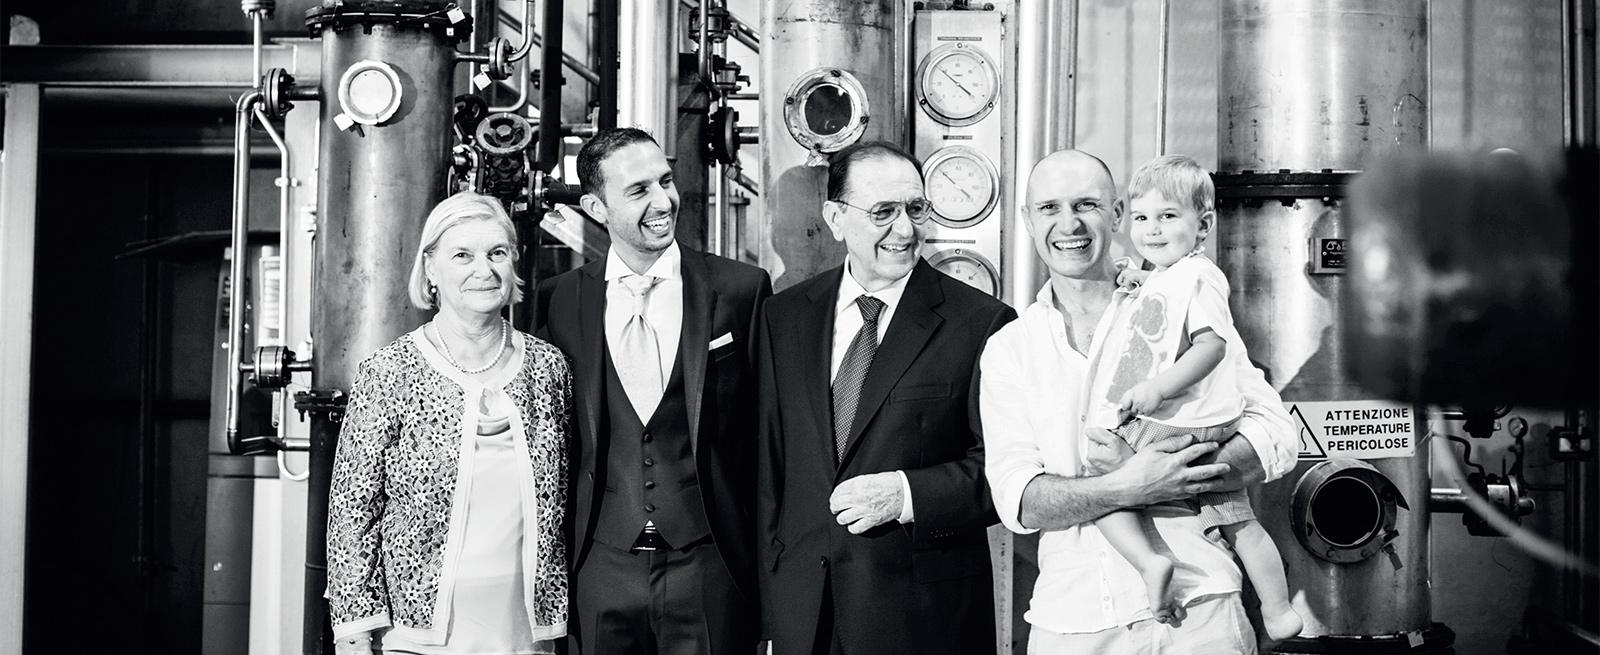 La famiglia Beccaris.